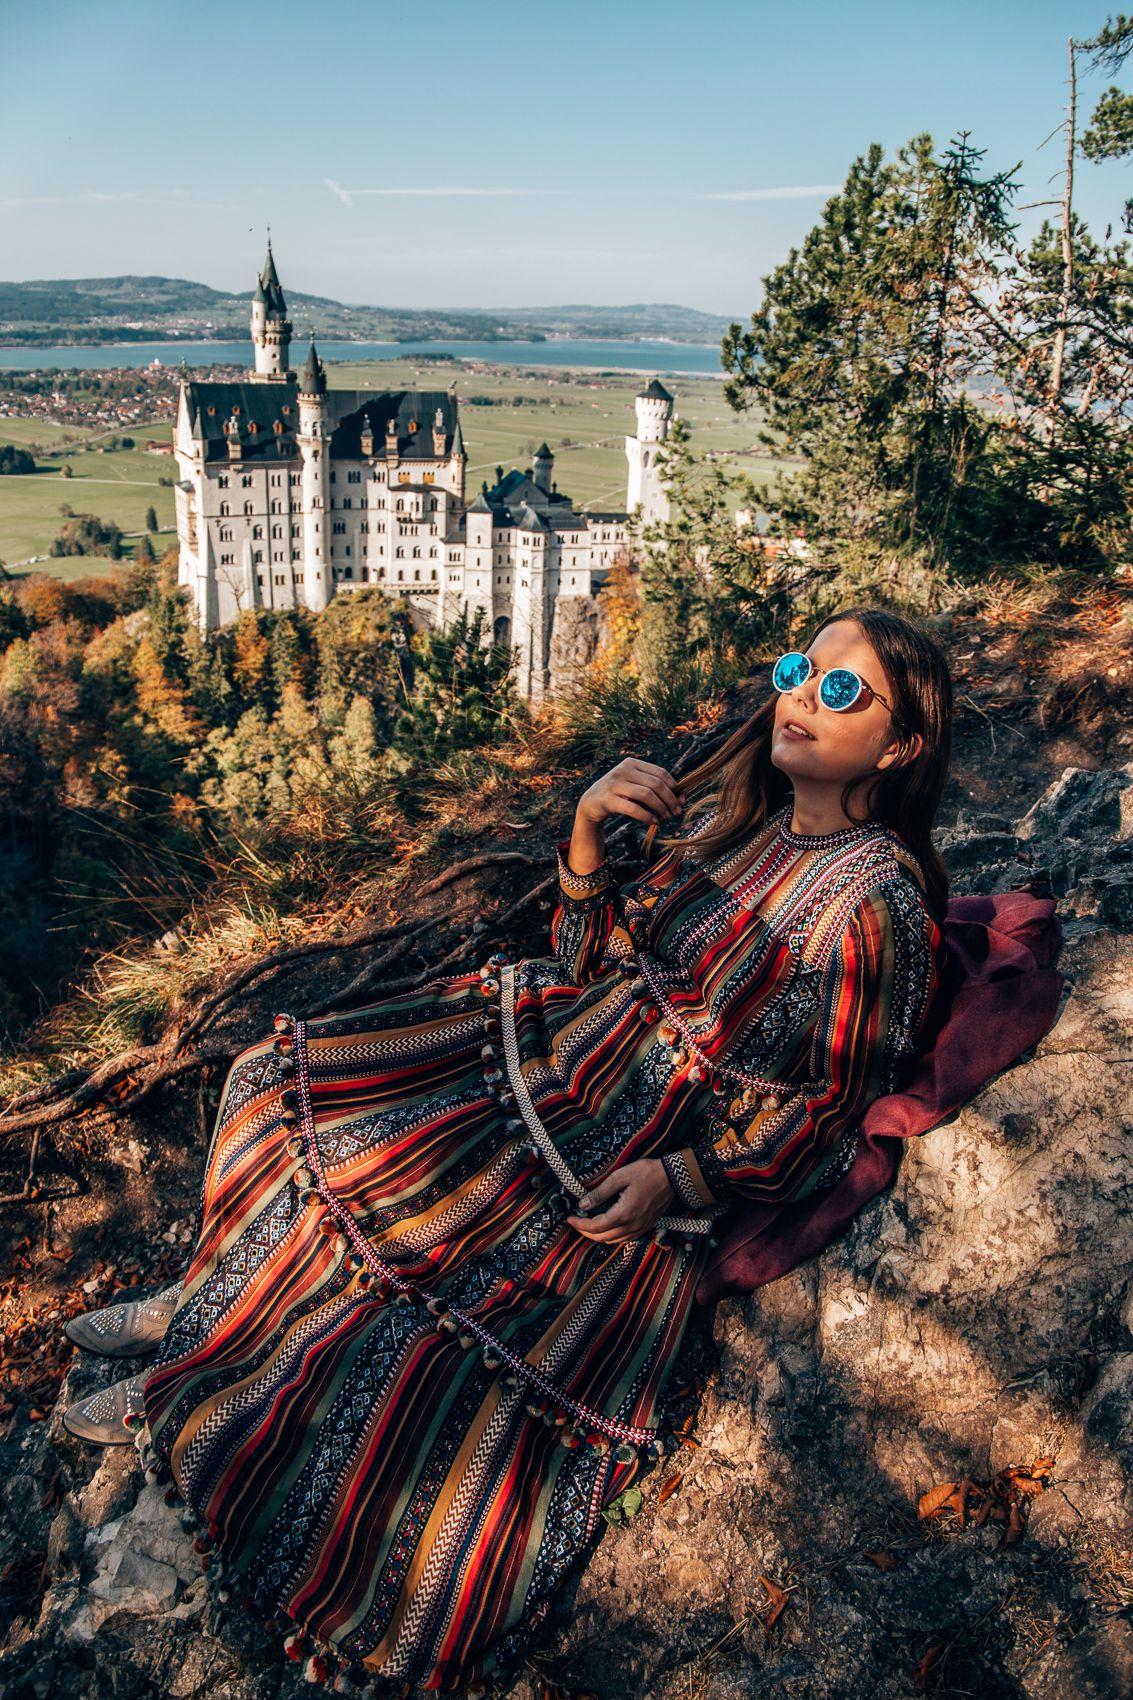 Das Rubezahl In Schwangau Wellnesshotel Mit Blick Auf Neuschwanstein Neuschwanstein Wellnesshotel Schloss Neuschwanstein